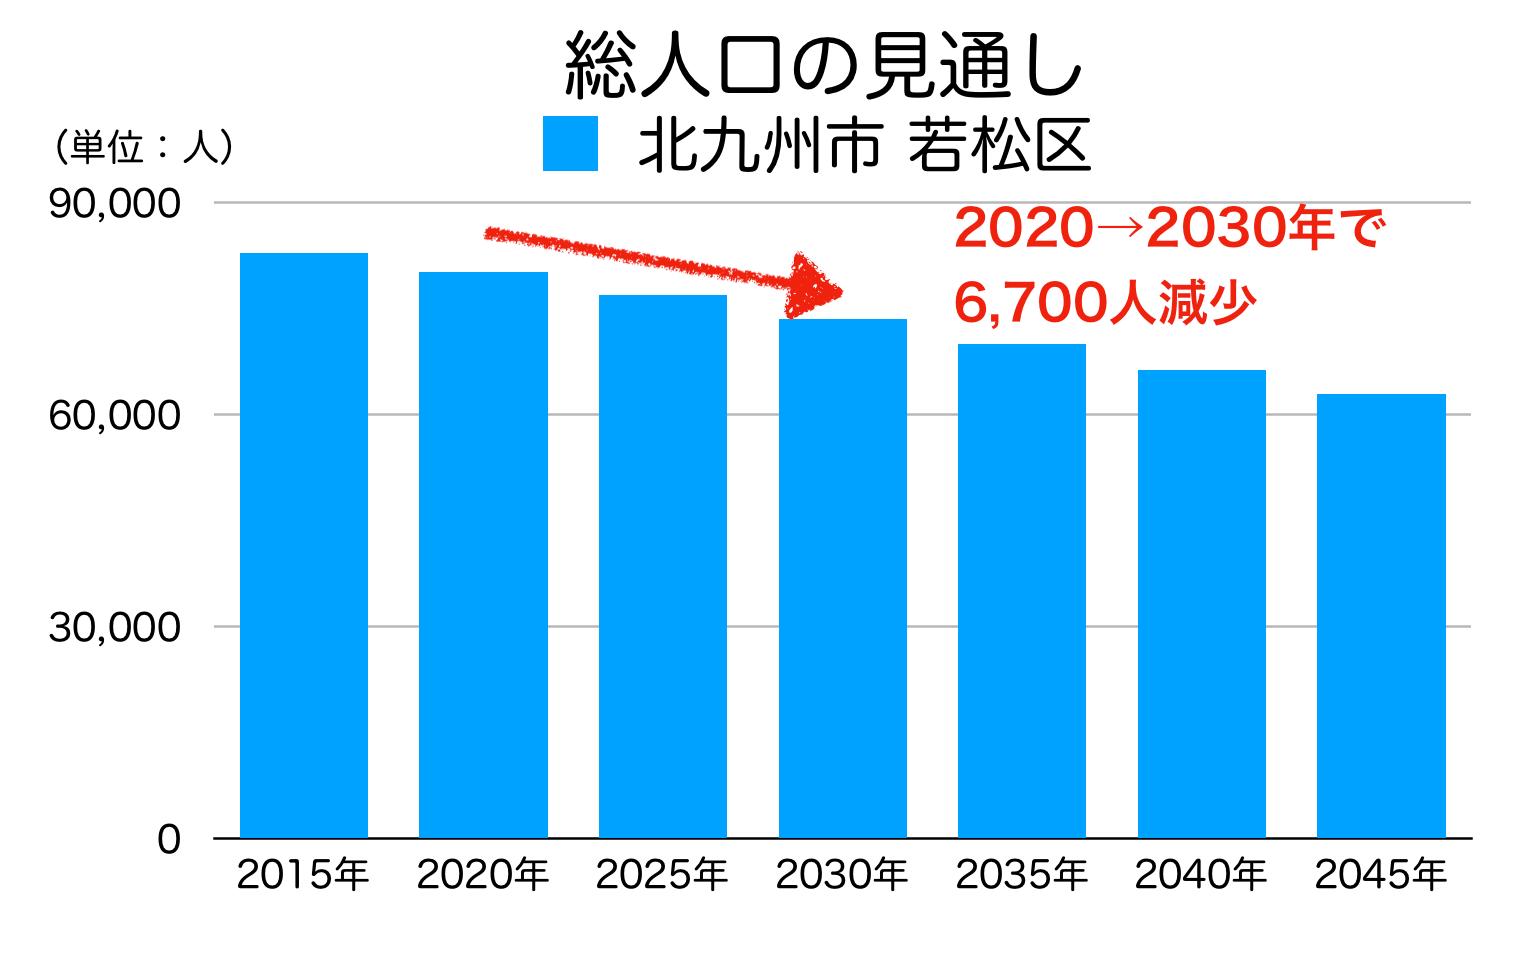 北九州市若松区の人口予測